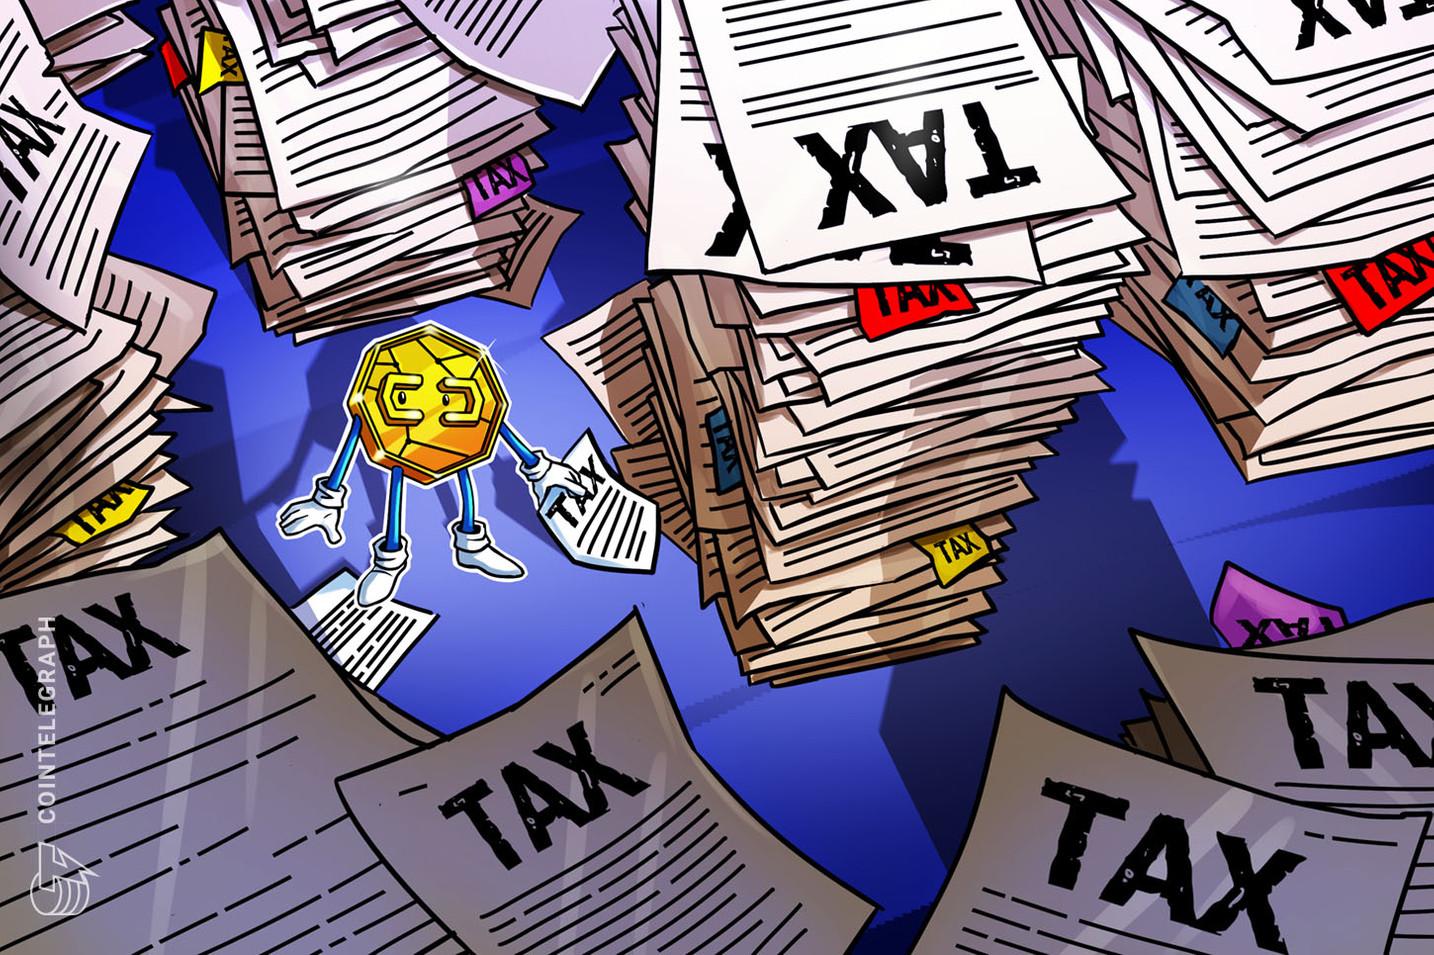 상원 의원은 인프라 거래에 암호화 세금을 추가하여 28억 달러의 추가 수익을 올립니다.